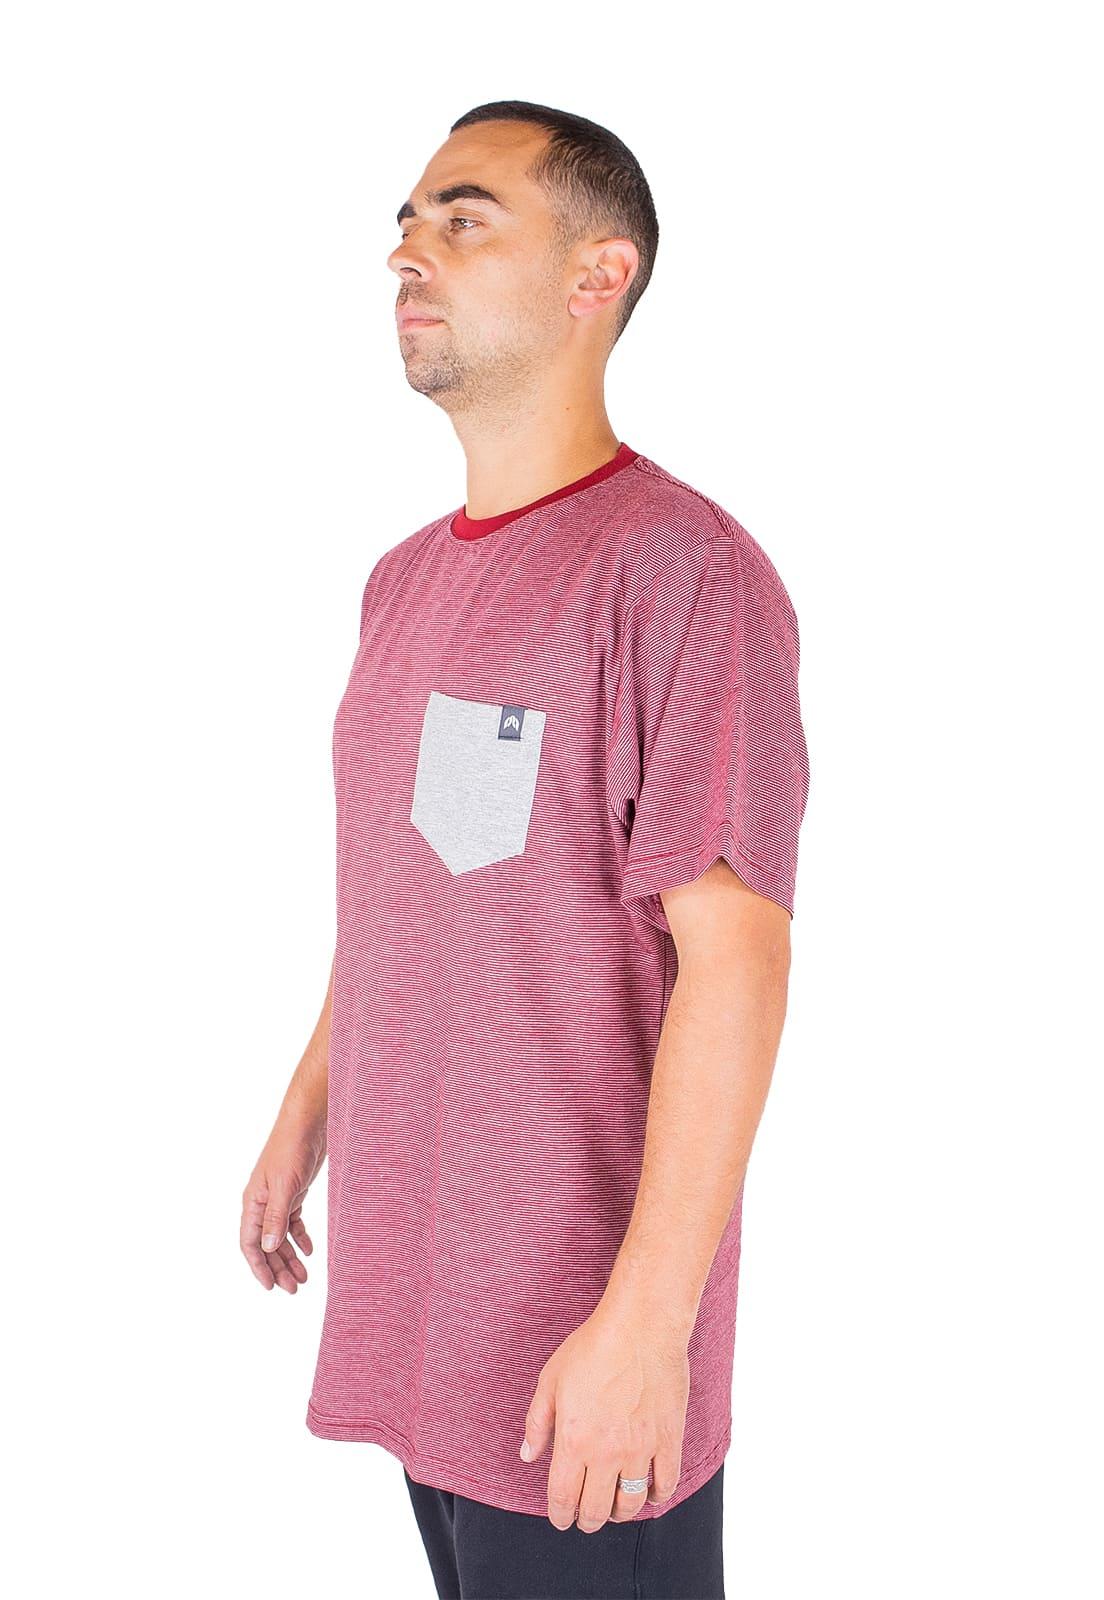 Camiseta Cisco Skate Clothing Assinatura Com Bolso